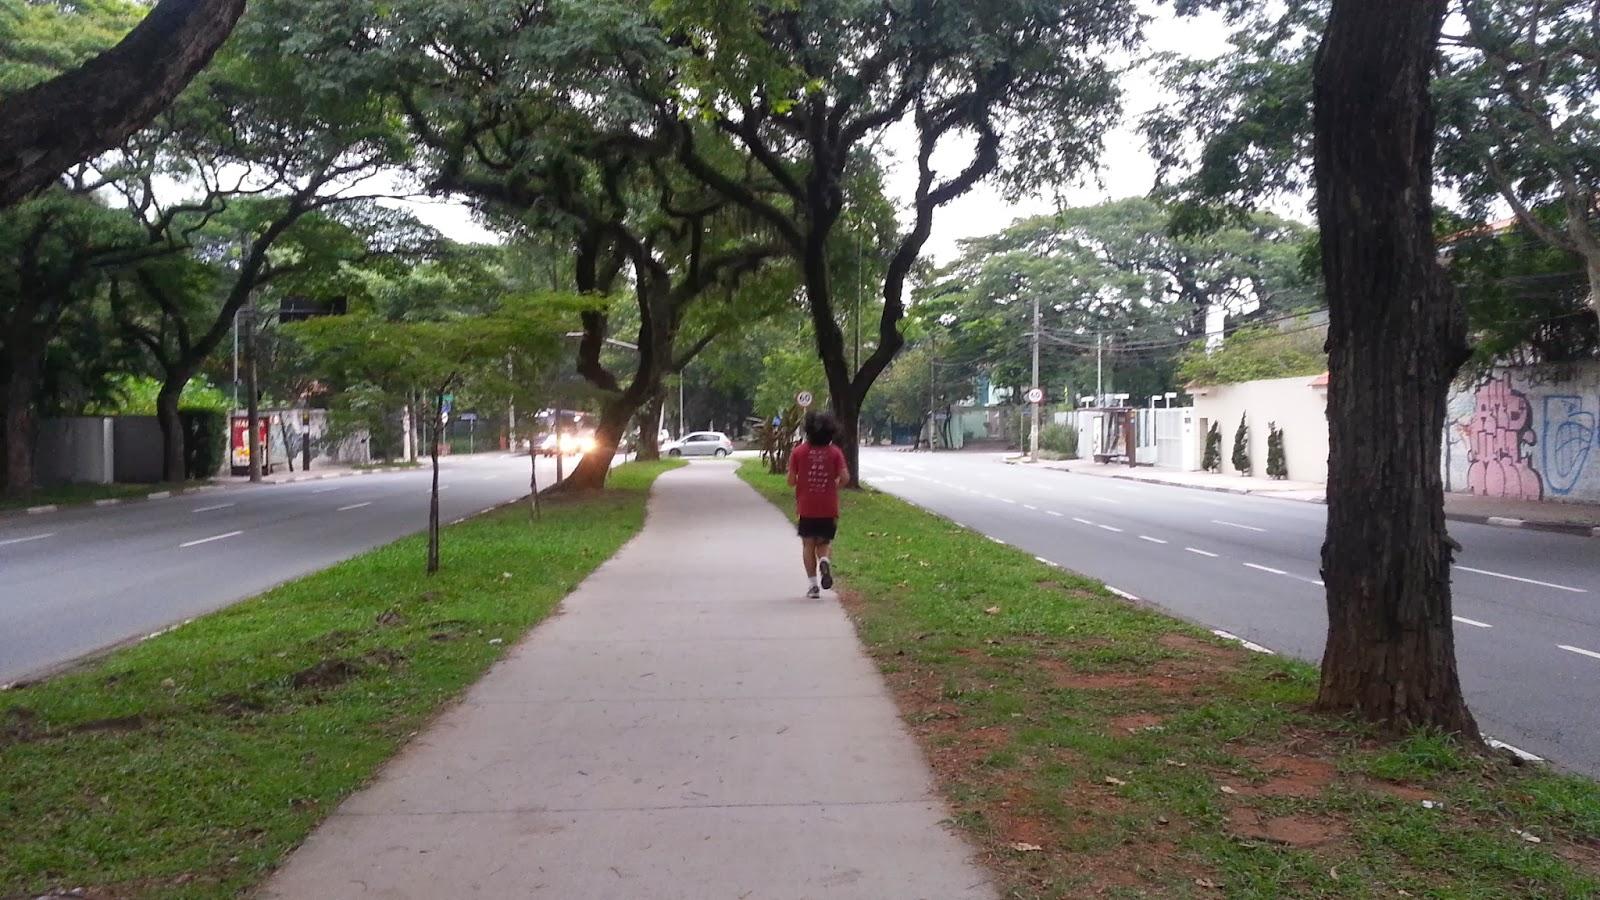 Pista de corrida e caminhada na Avenida Pedroso de Morais - Corrida de Rua